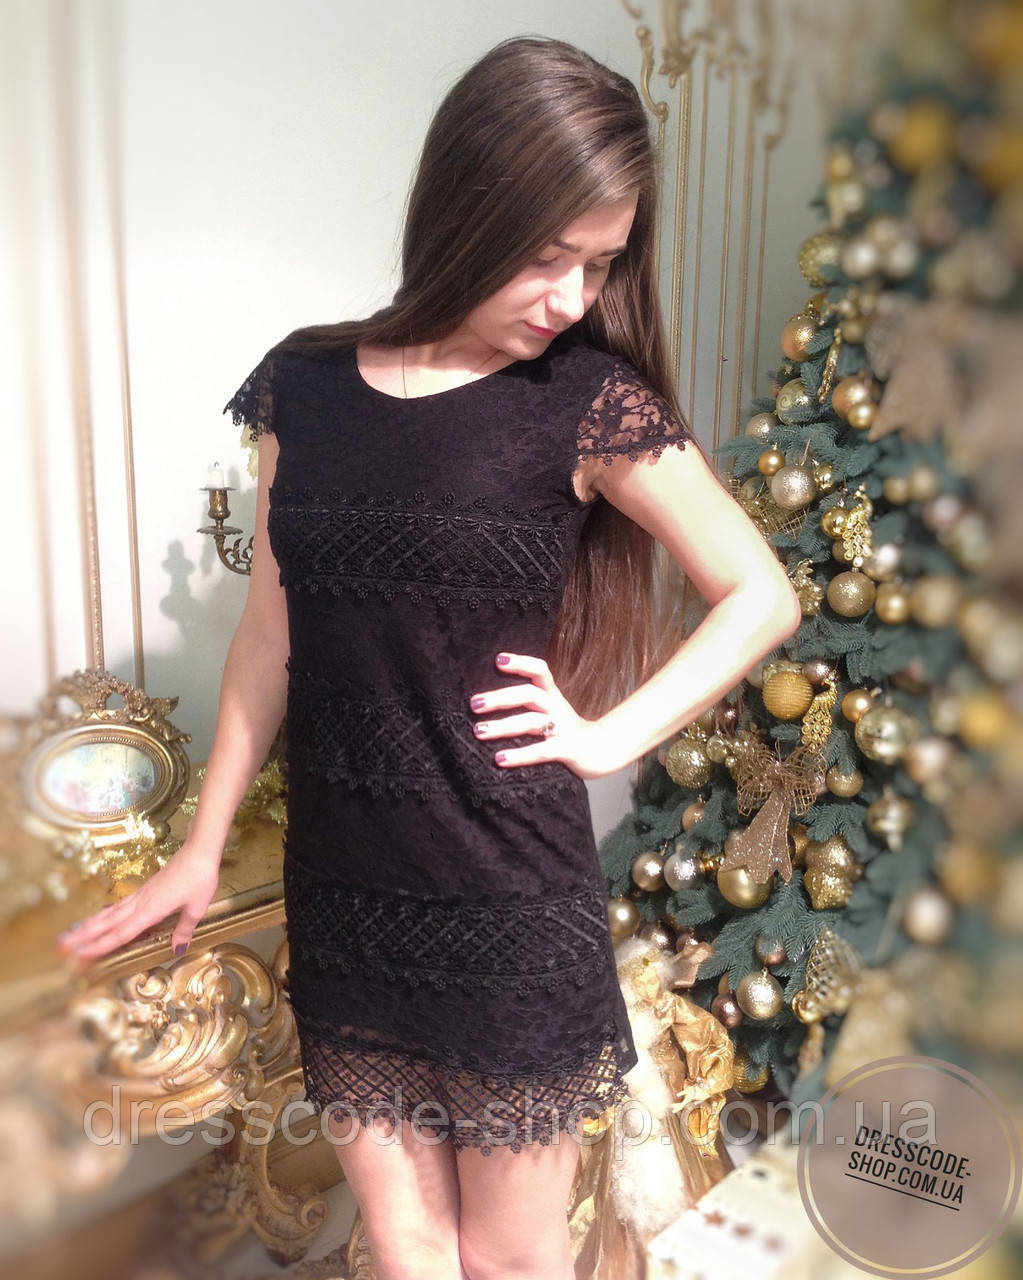 aa0f2ebc7c4f2f8 Платье Черное с Кружевом с Коротким Рукавом — в Категории